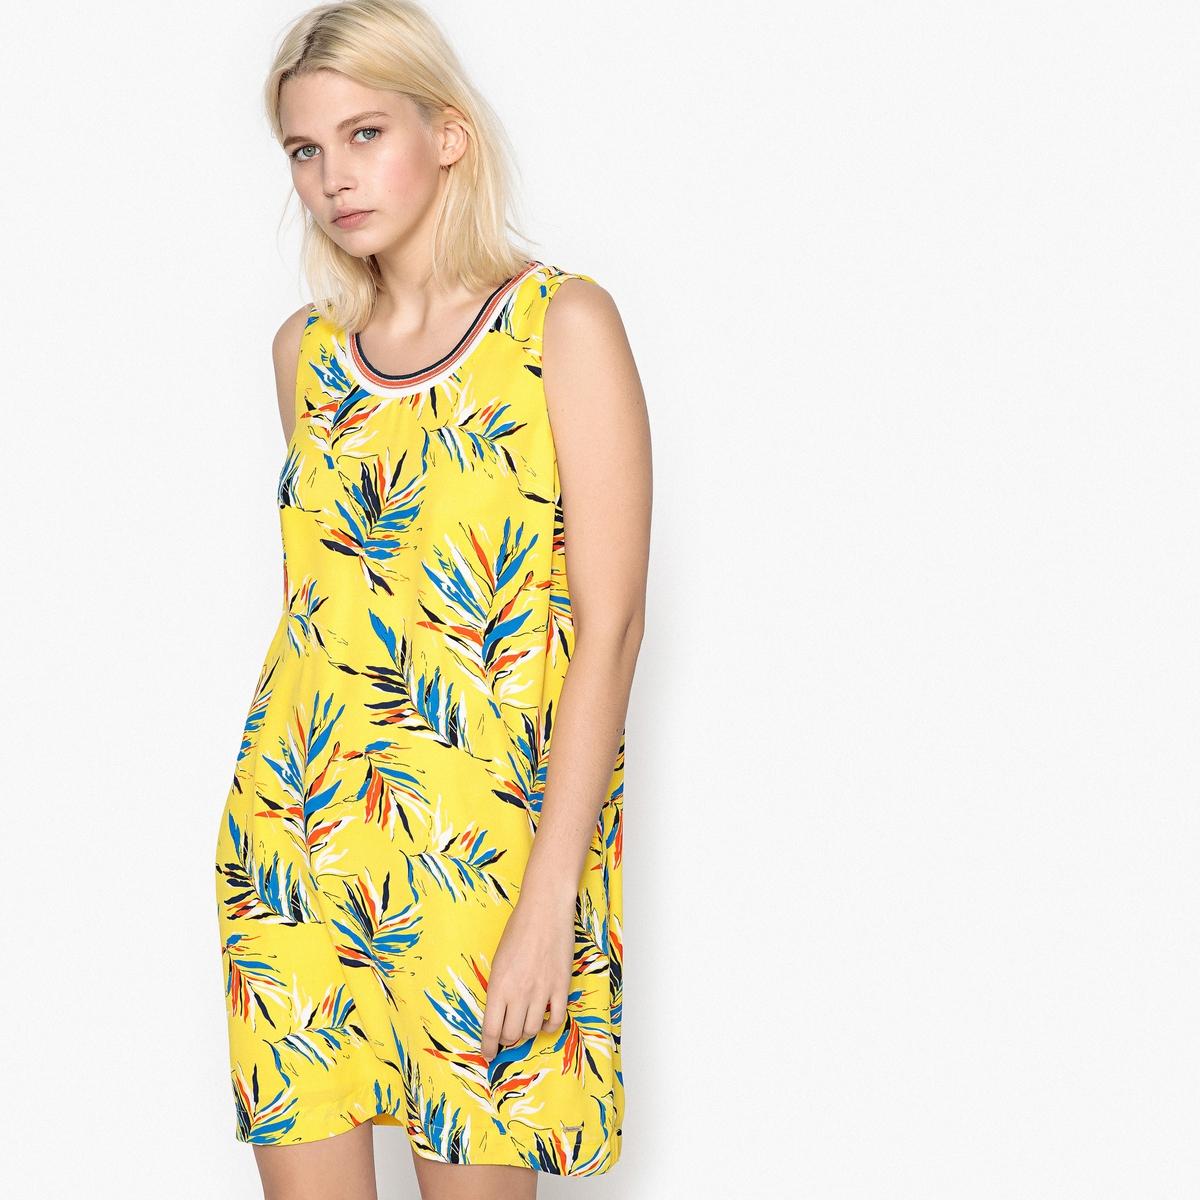 Платье расклешенное короткого покроя с рисункомДетали •  Форма : расклешенная •  Укороченная модель  • Без рукавов    •  Круглый вырез •  Рисунок-принтСостав и уход •  100% полиэстер •  Следуйте советам по уходу, указанным на этикетке<br><br>Цвет: рисунок/фон желтый<br>Размер: XL